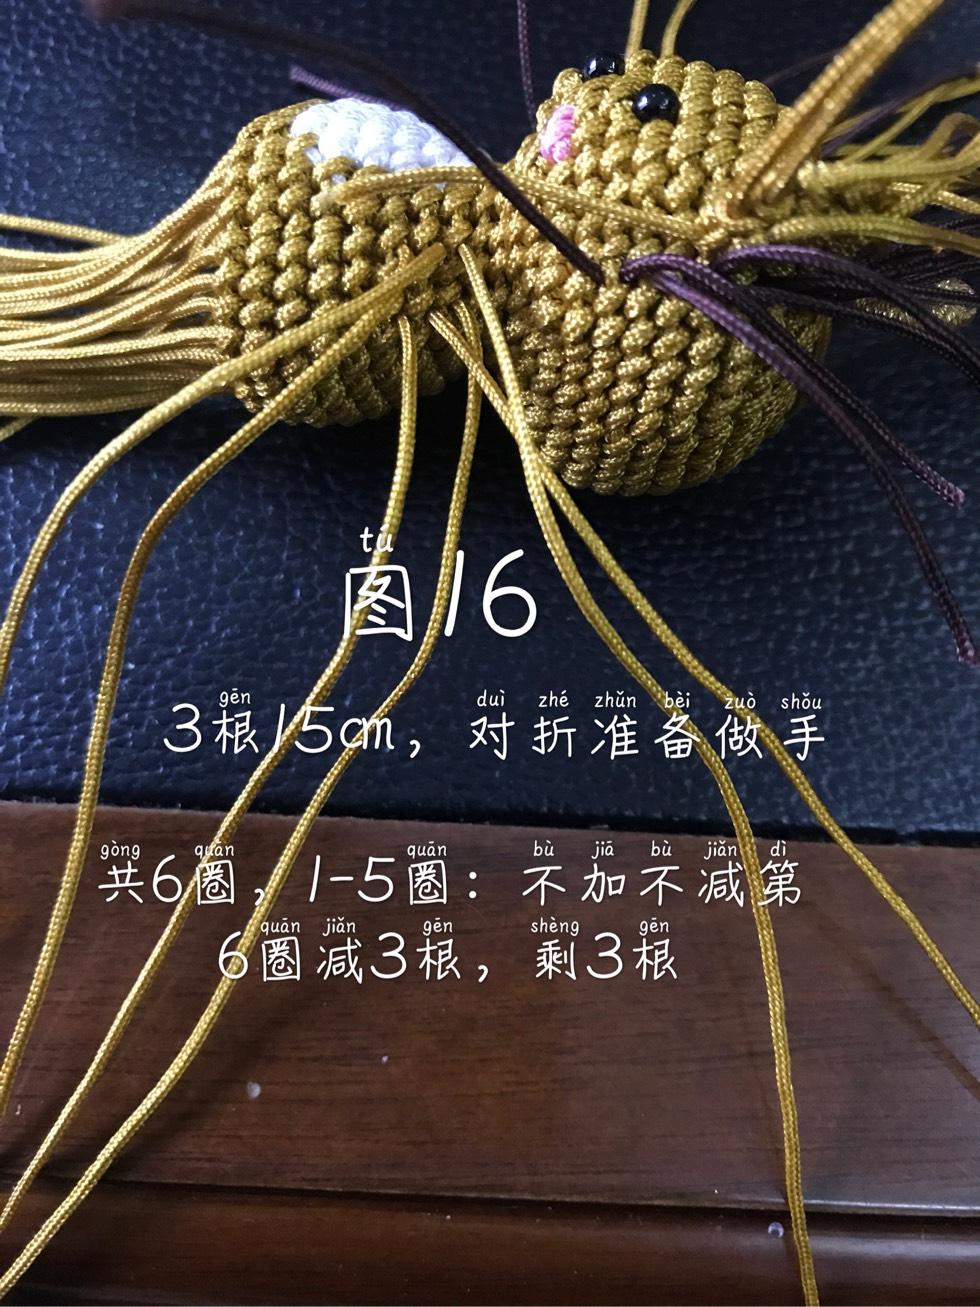 中国结论坛 嗷呜嗷呜的大狮子  图文教程区 193641ybr2v61n1zqqo0hq